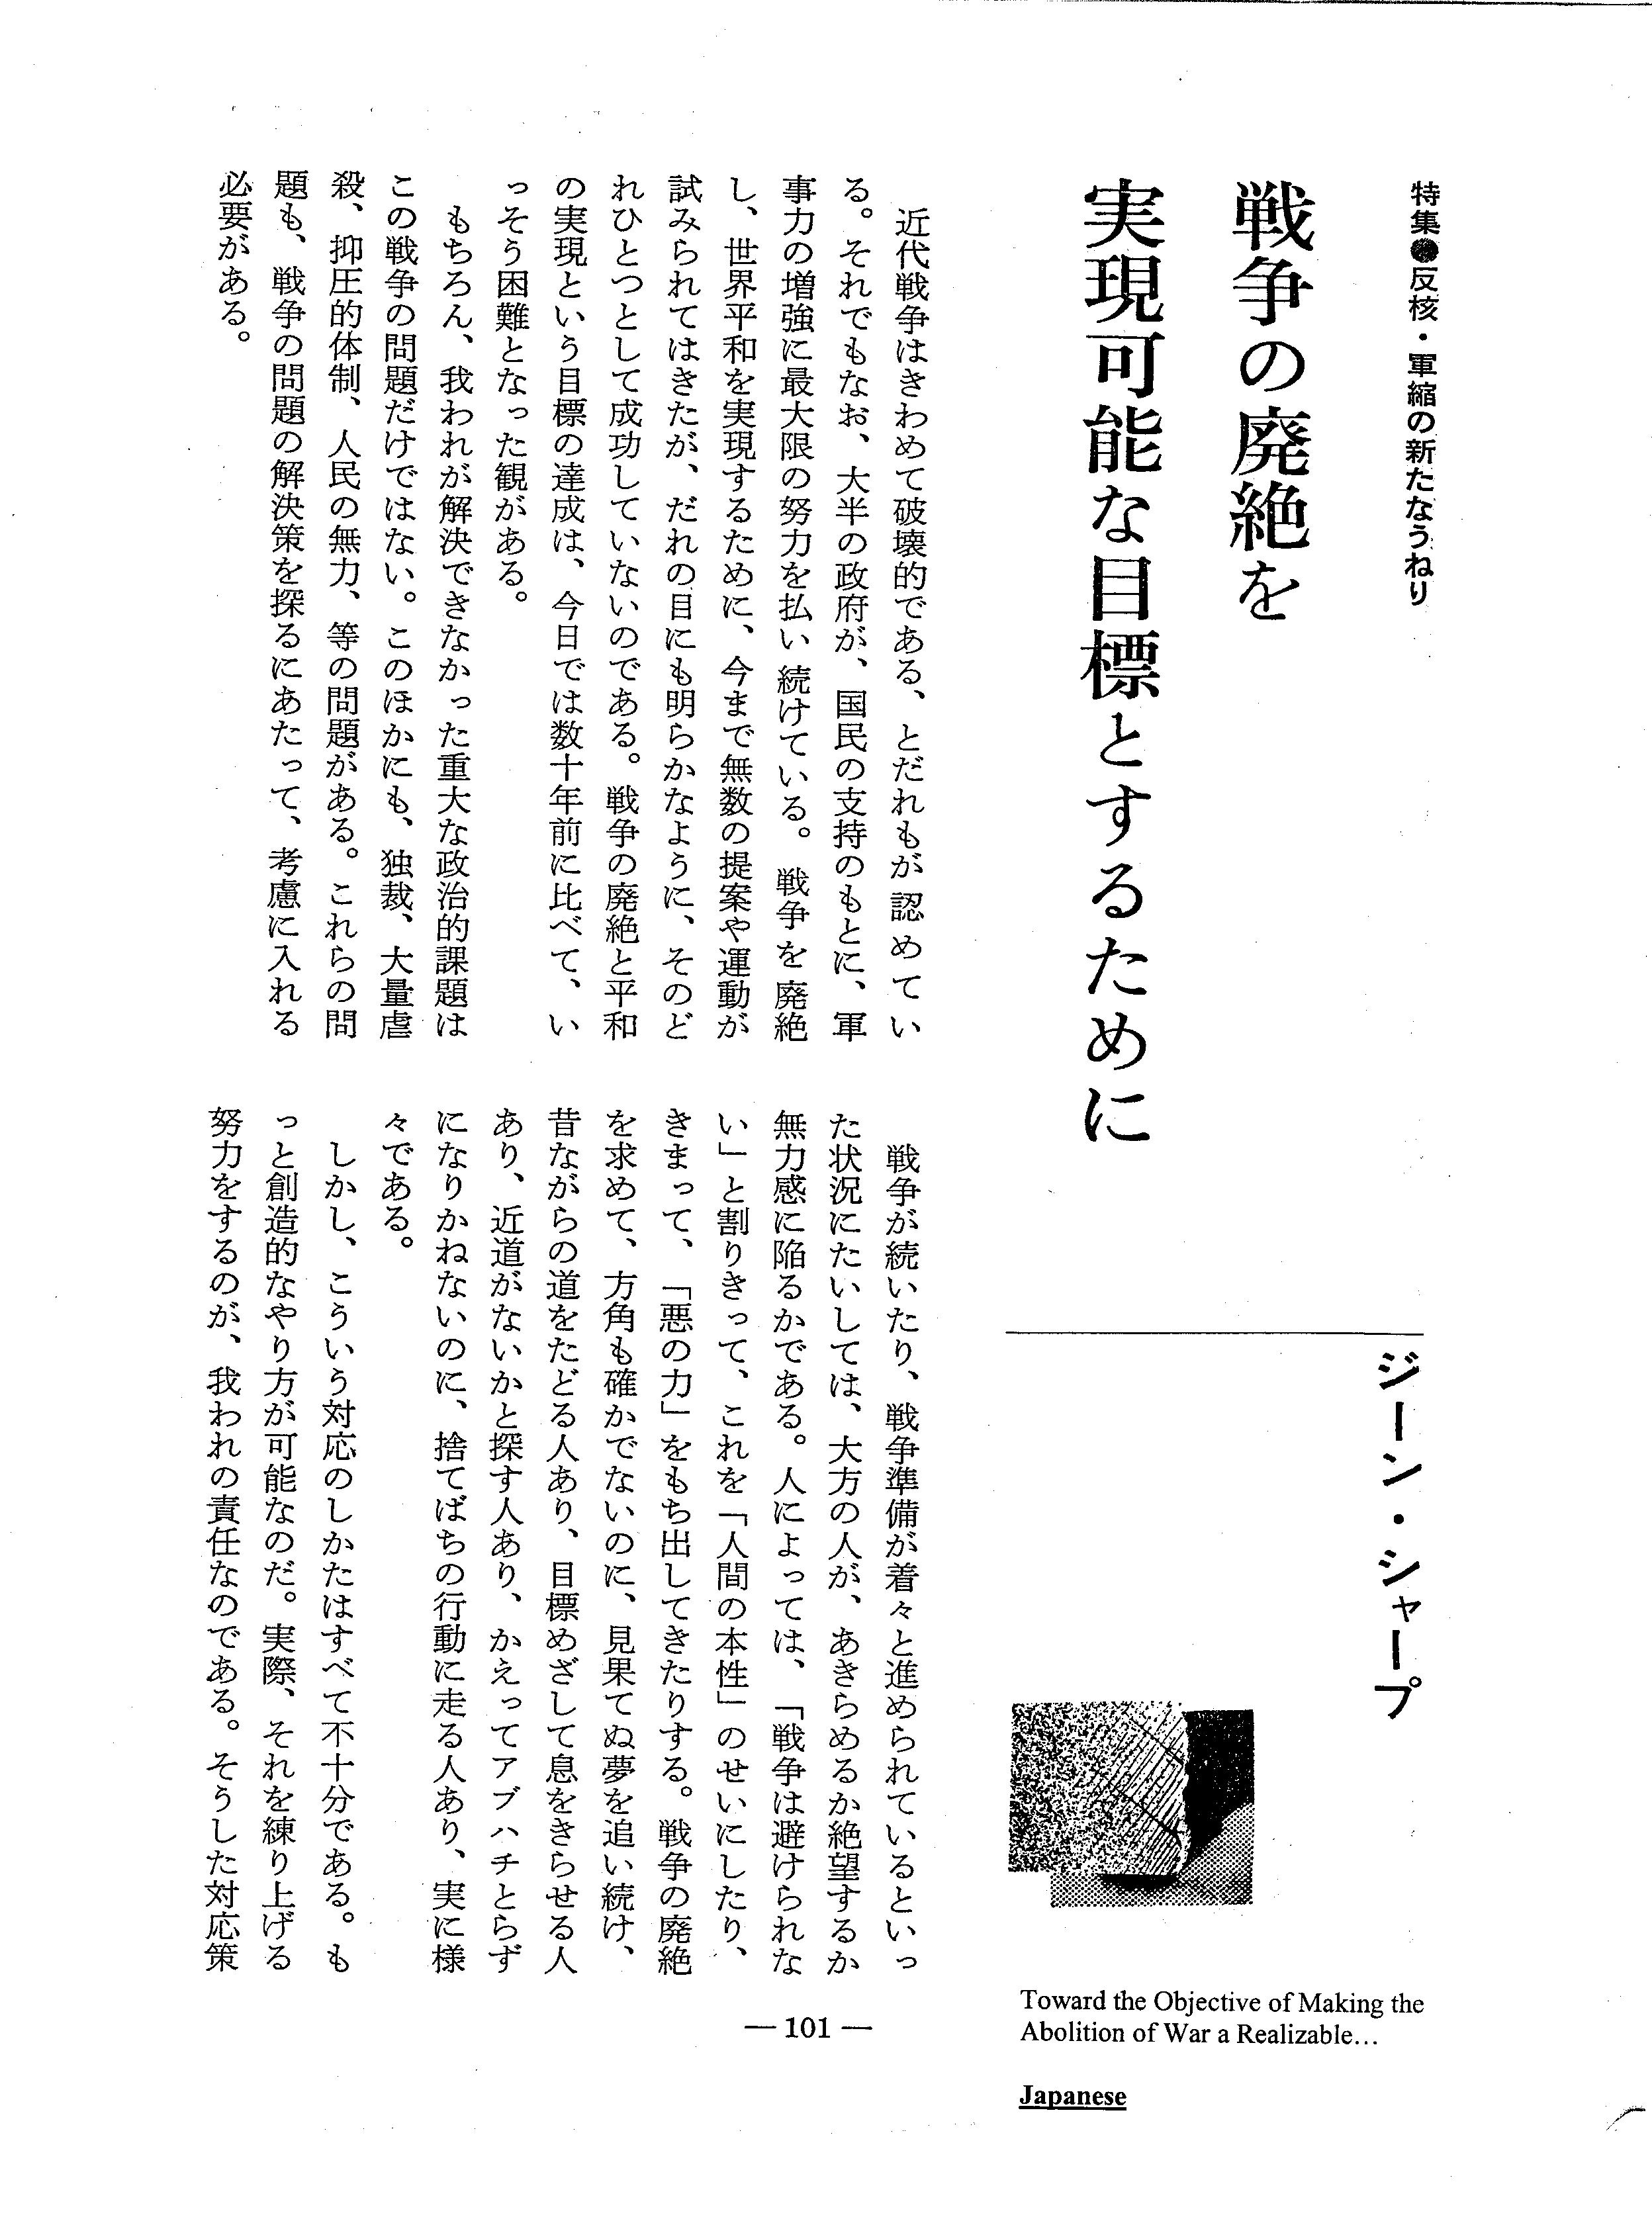 Senso no haizetsu o jitsugen kano na mokuhyo to surutame-ni